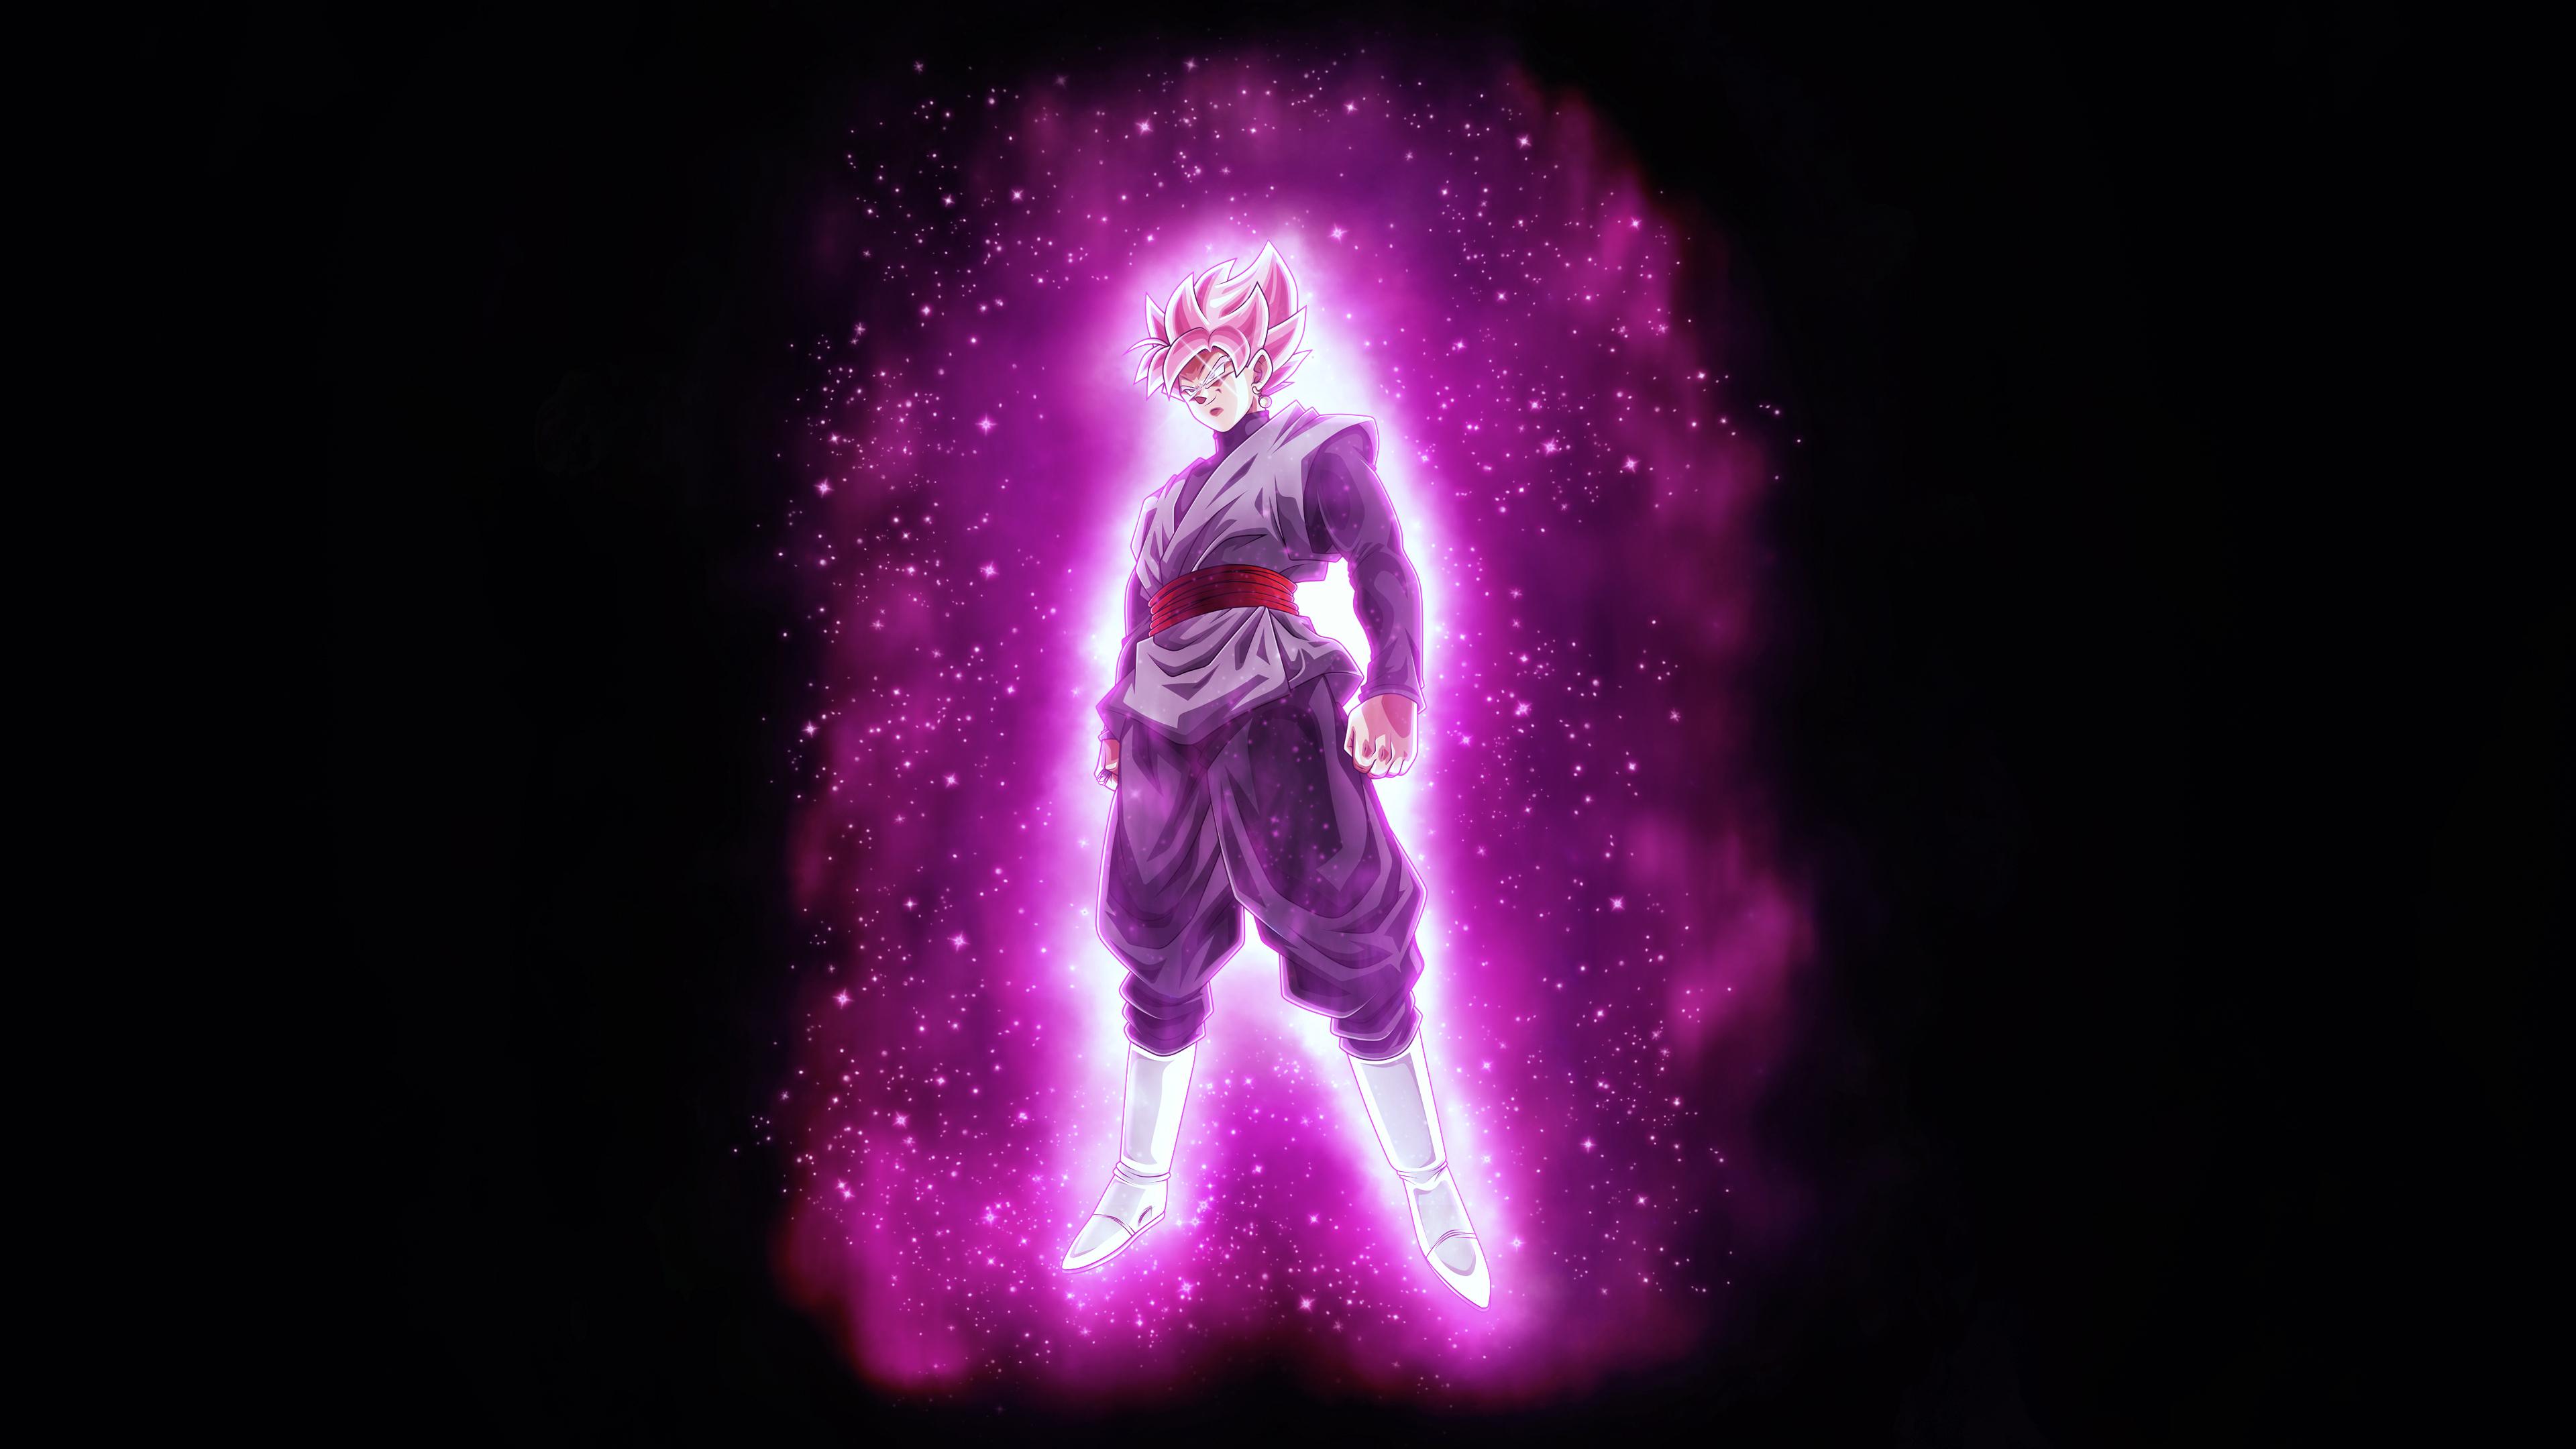 Супер Саян розовое черное гоку дракон мяч супер обои скачать